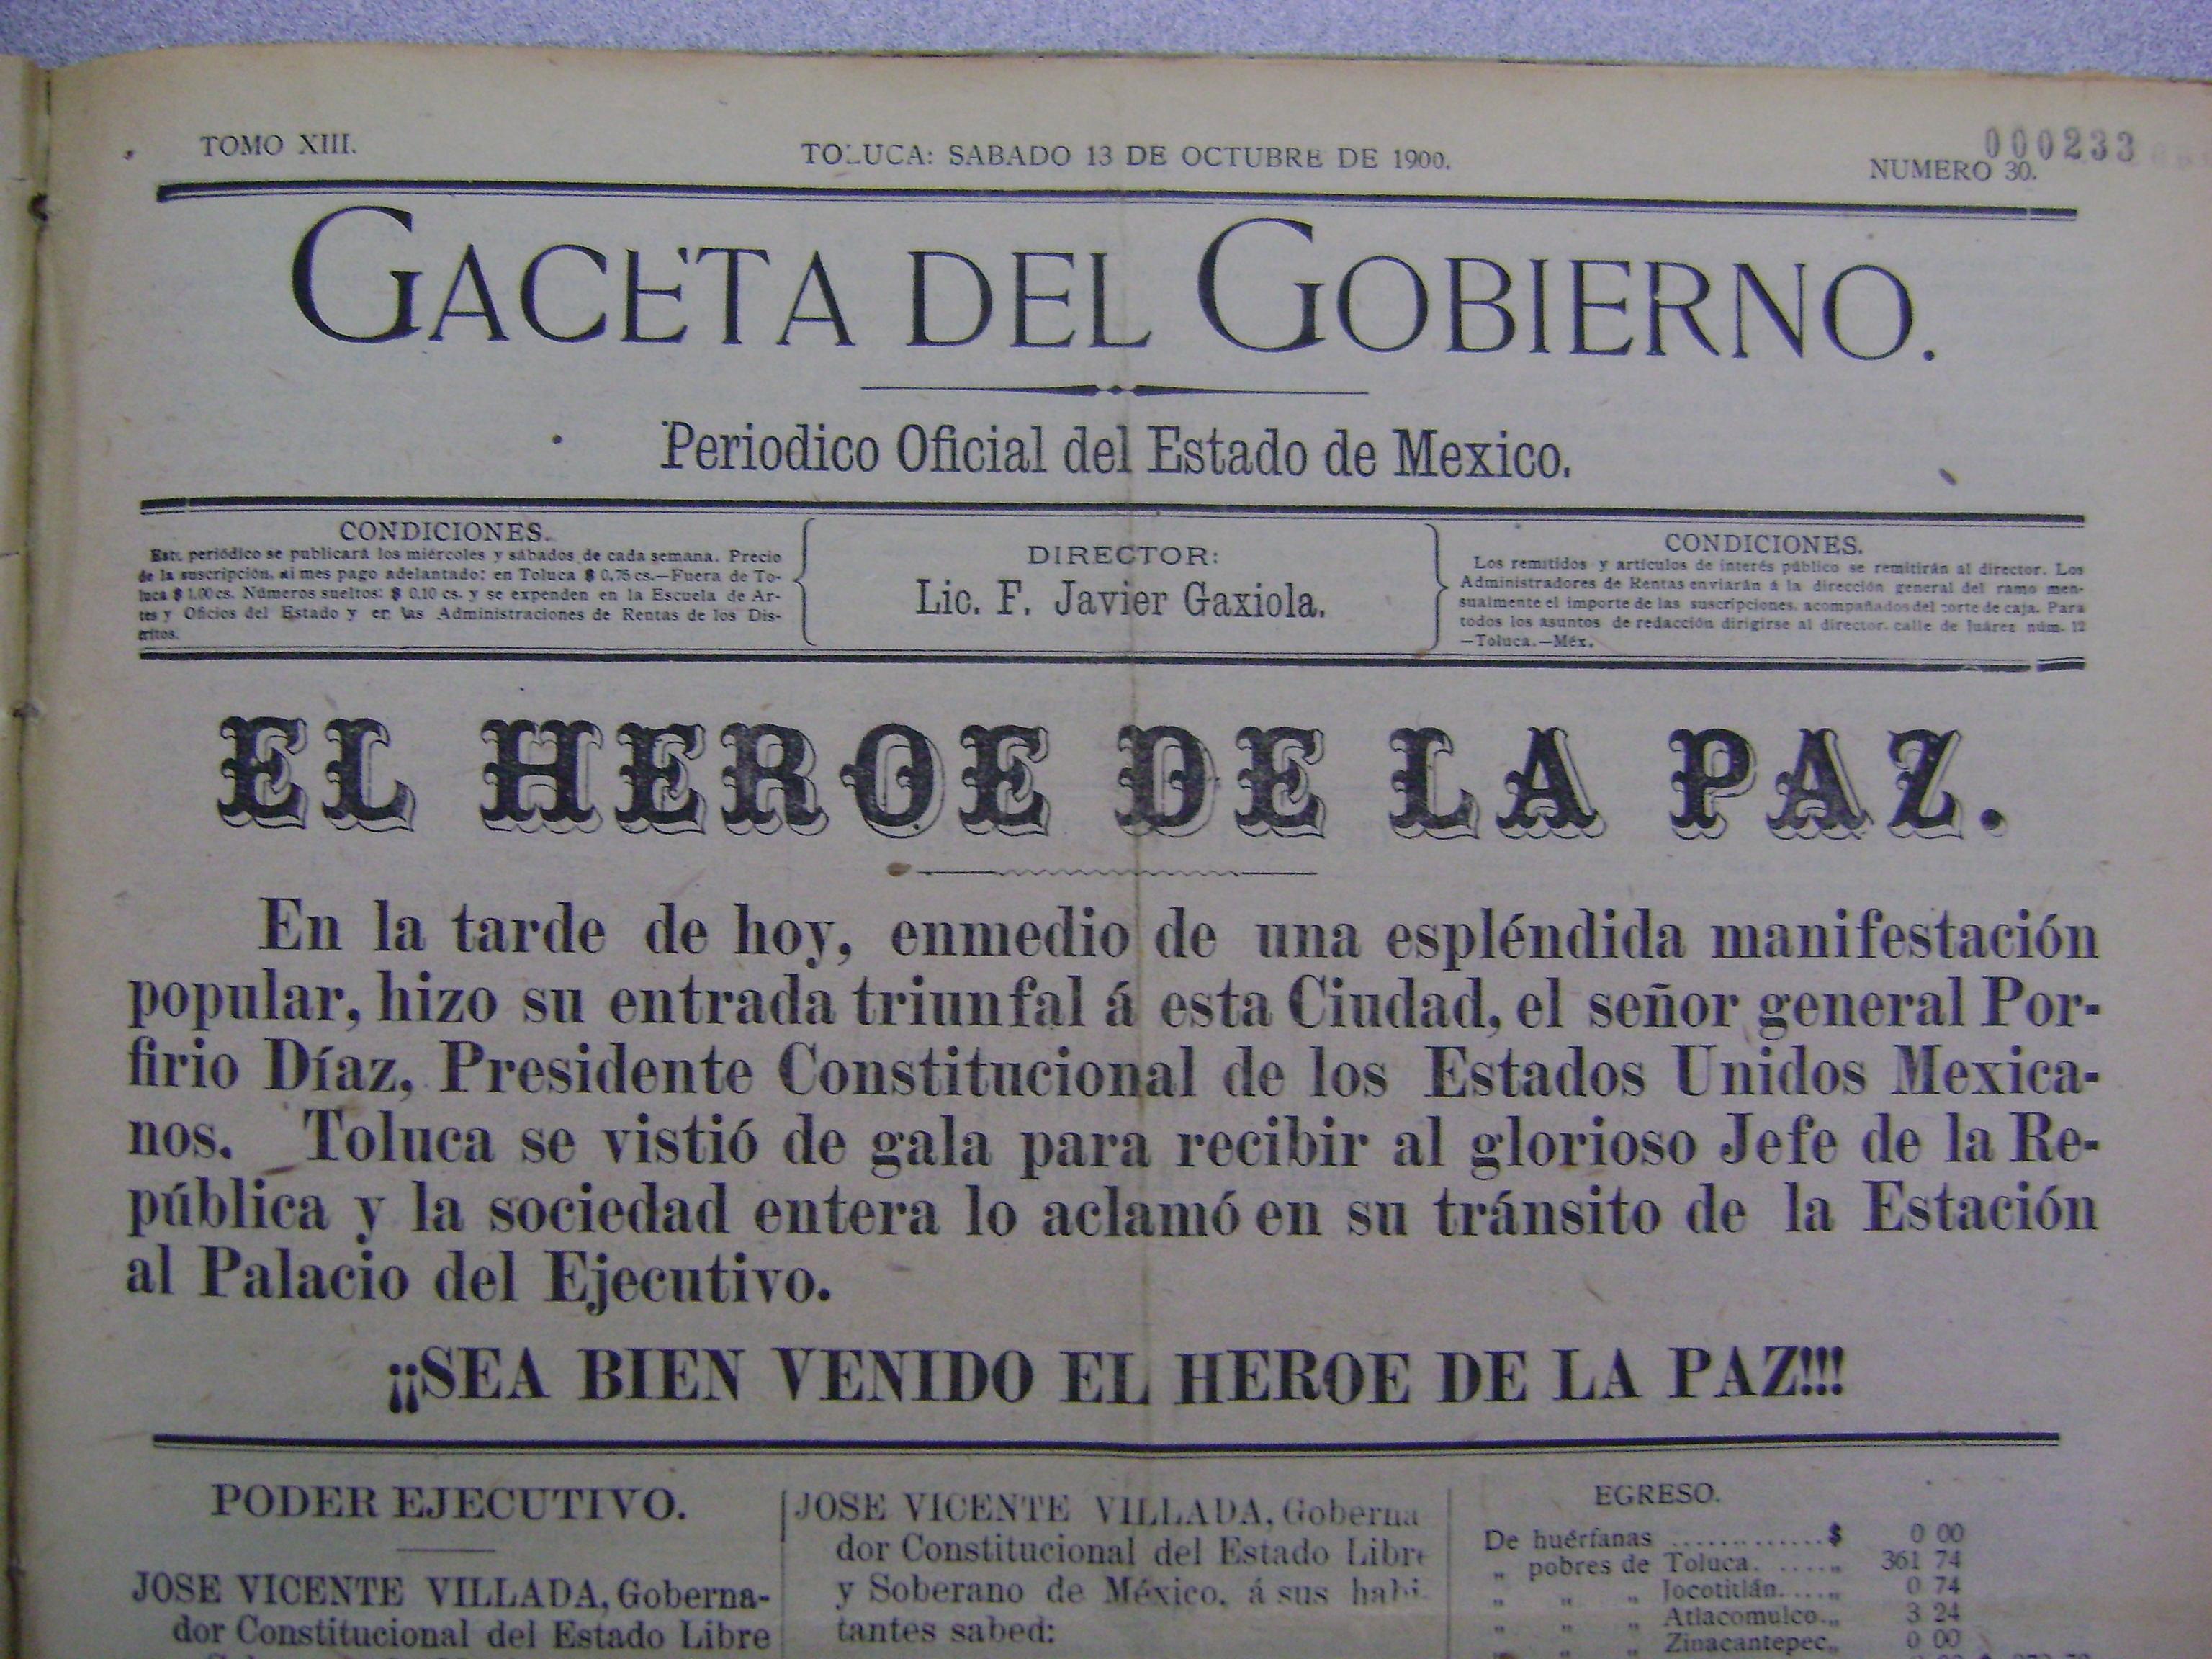 Bienvenida al Gral. Díaz en su visita a Toluca. Gaceta de Gobierno del 13 de octubre de  1900